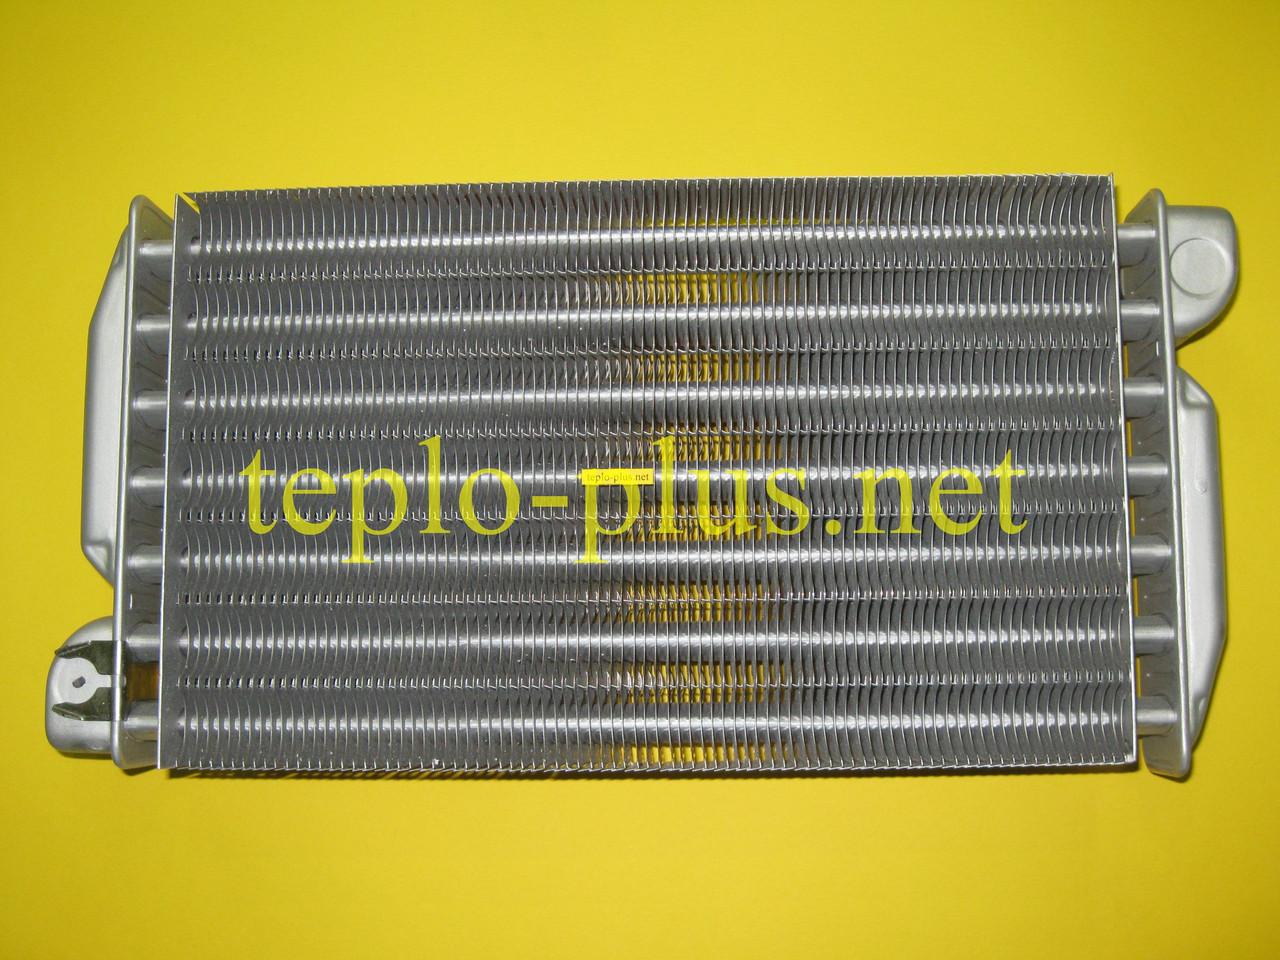 Теплообменник первичный (основной) 5680990 Westen Star Digit 310 Fi, Baxi Eco 3 280, Luna 3 Comfort 310 Fi, фото 2